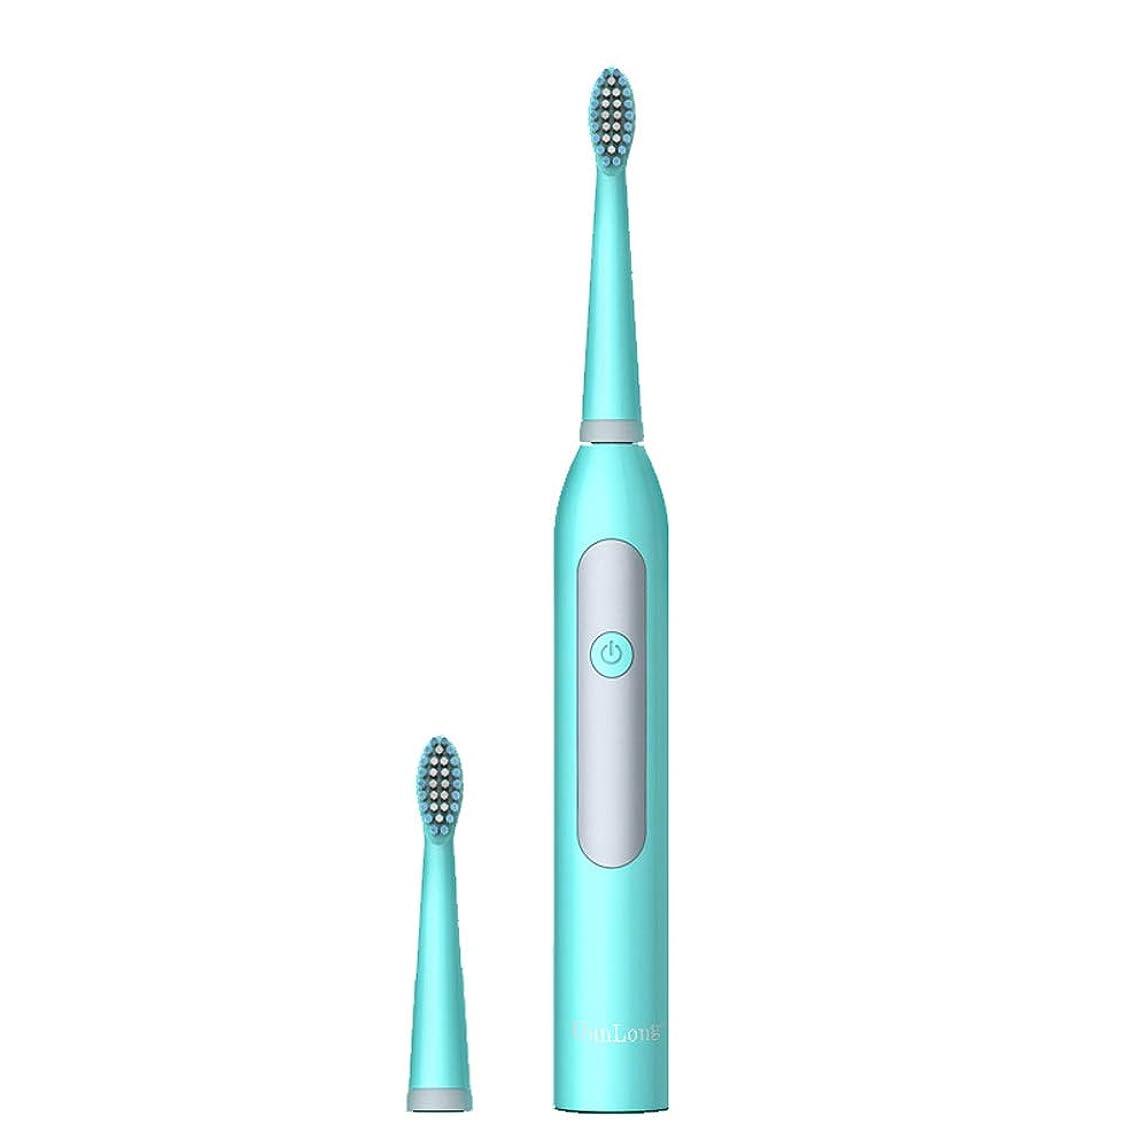 媒染剤マーベルナンセンス電動歯ブラシ 超音波振動歯ブラシ 歯垢除去 歯磨き 軽量 3段階調節可 IPX7防水 替えブラシ2本付き 旅行用持ち運びやすい 口内ケア デンタルケア,Green